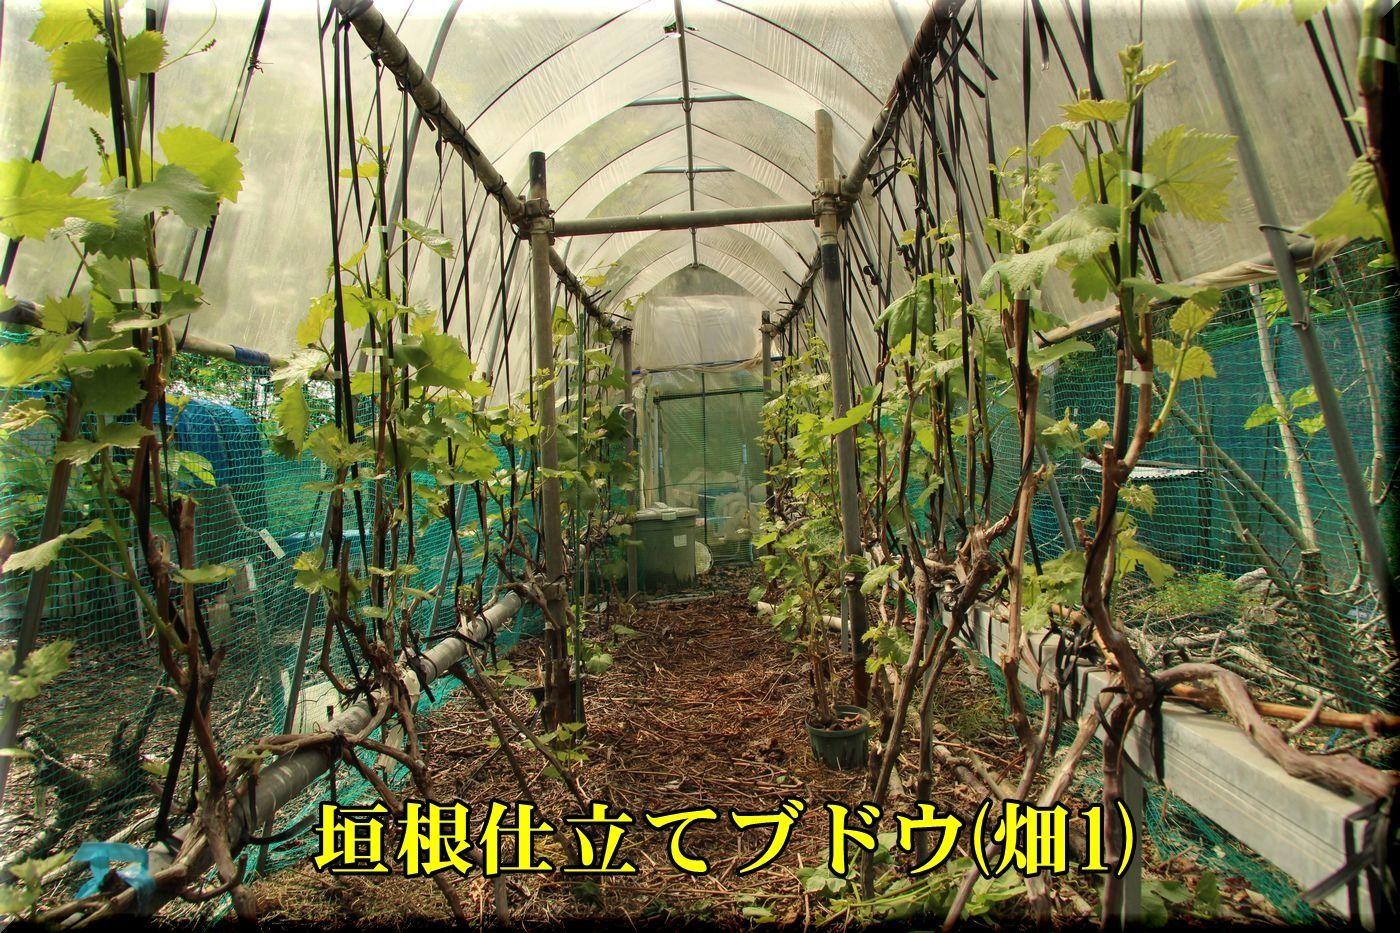 1kakine_rain180426_091.jpg